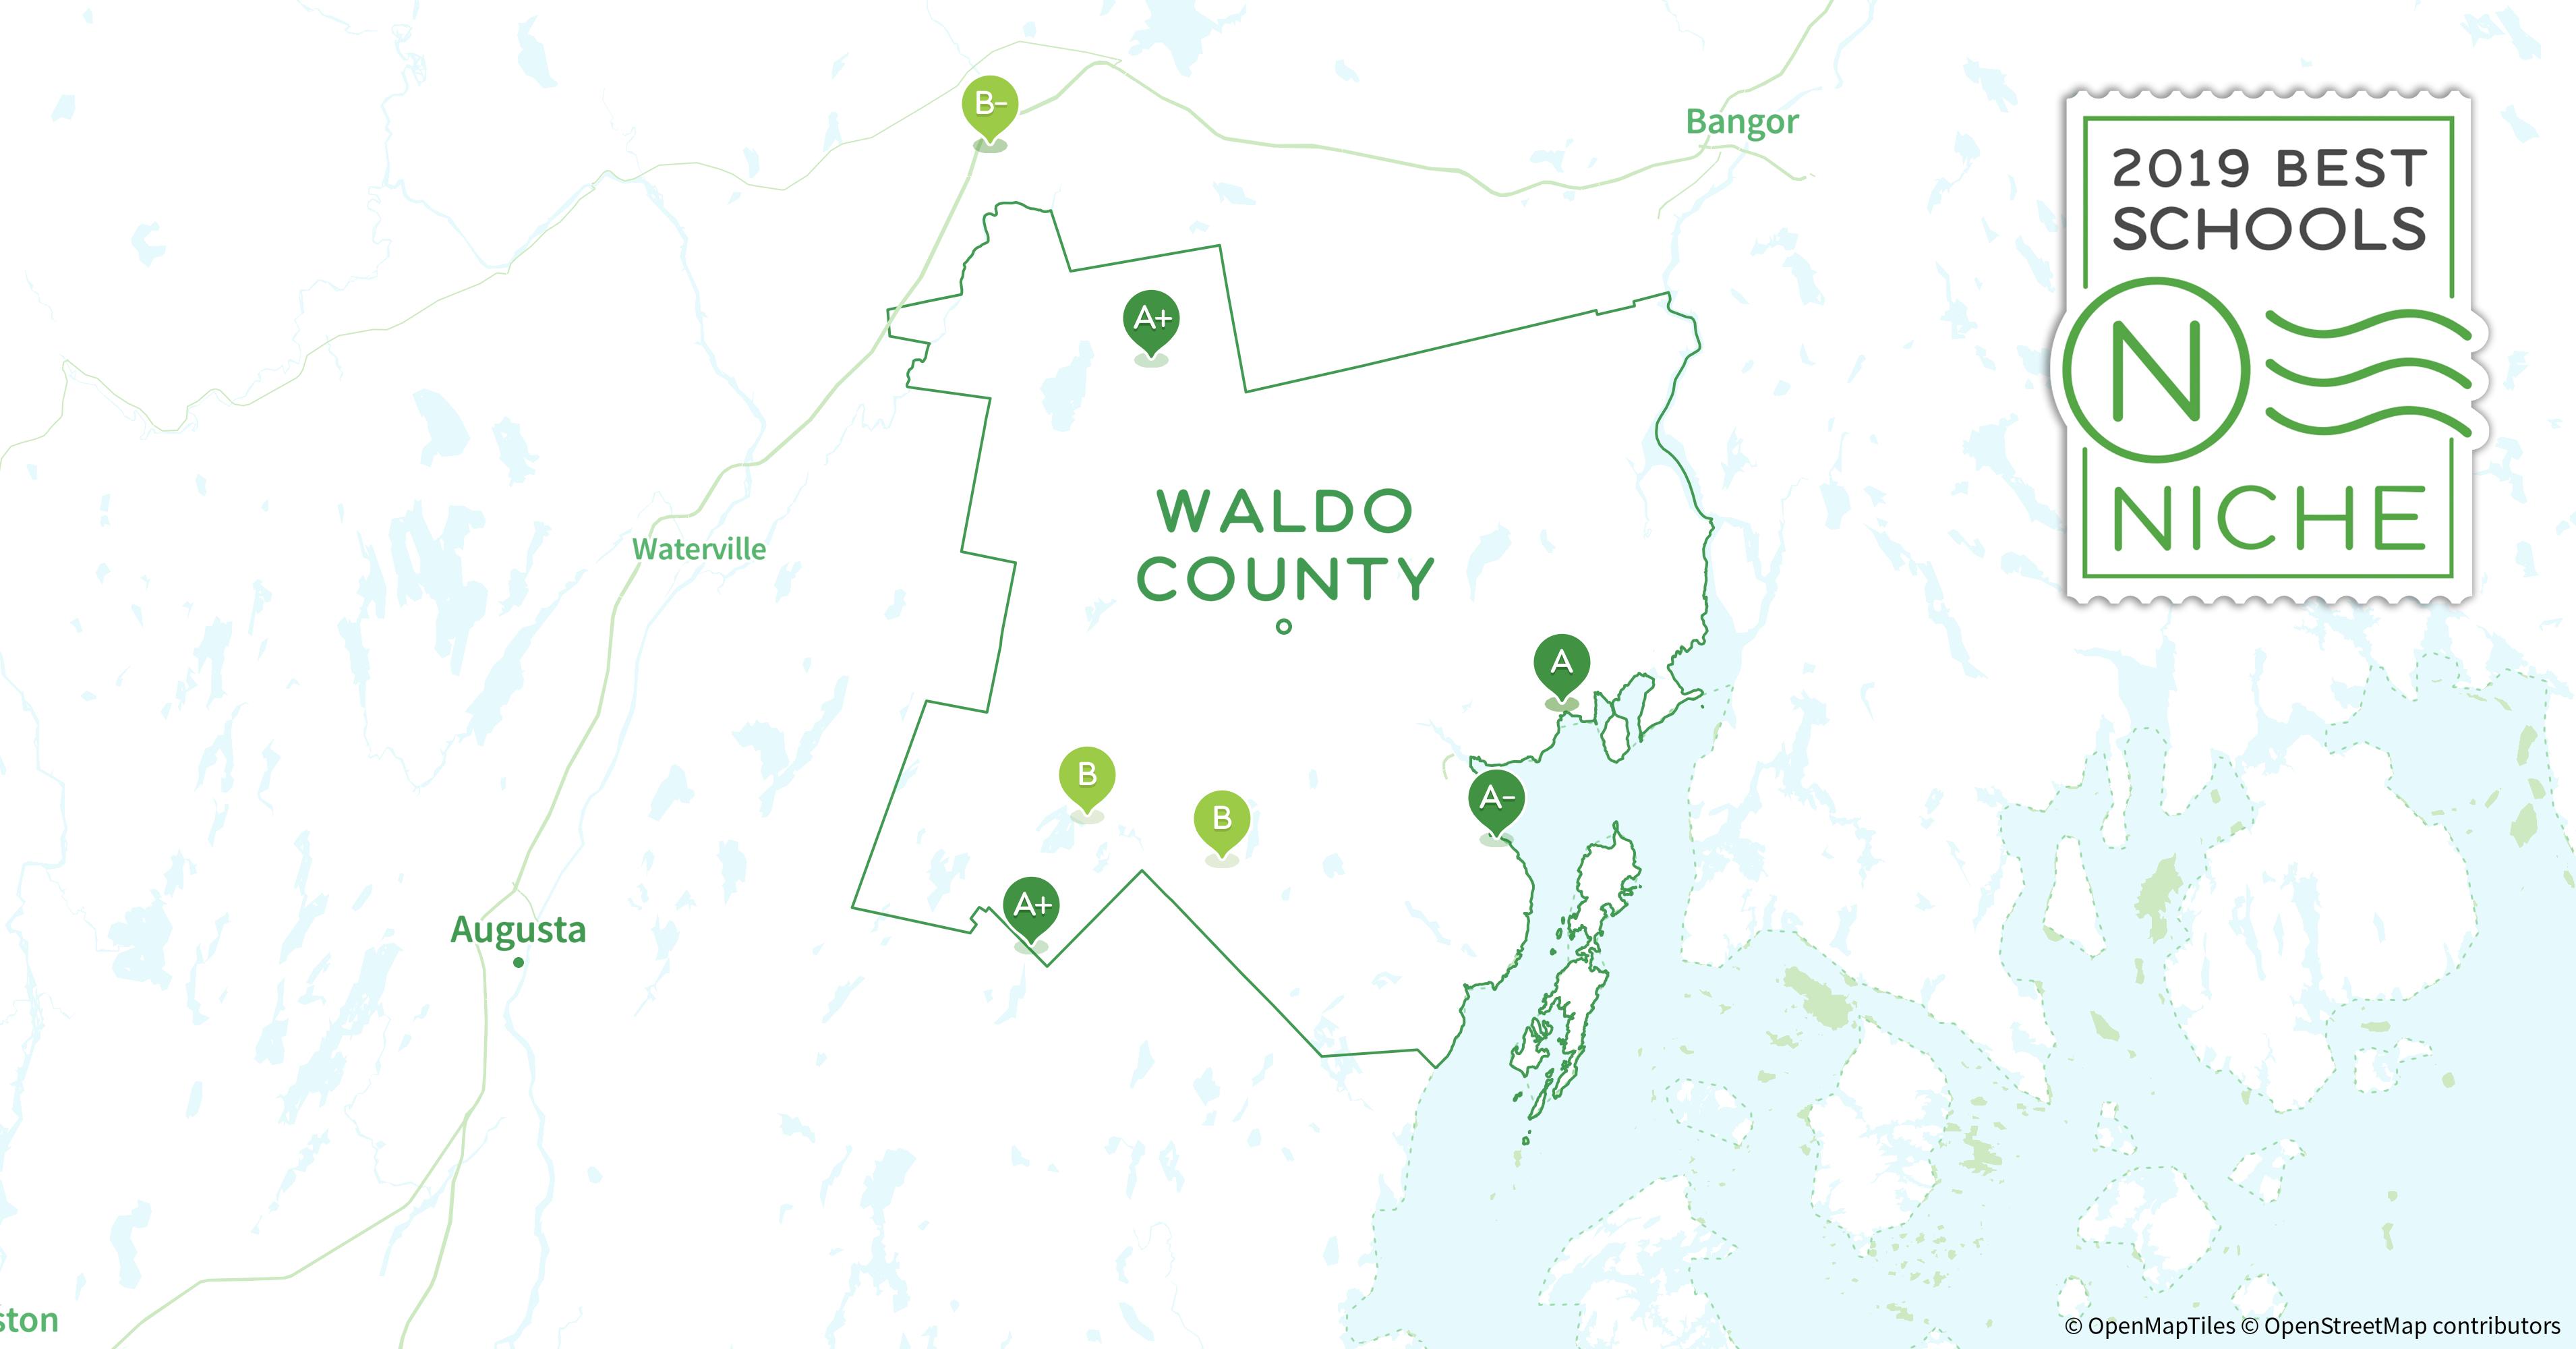 Best Of The Best Waldo County 2019 2019 Best Public Elementary Schools in Waldo County, ME   Niche